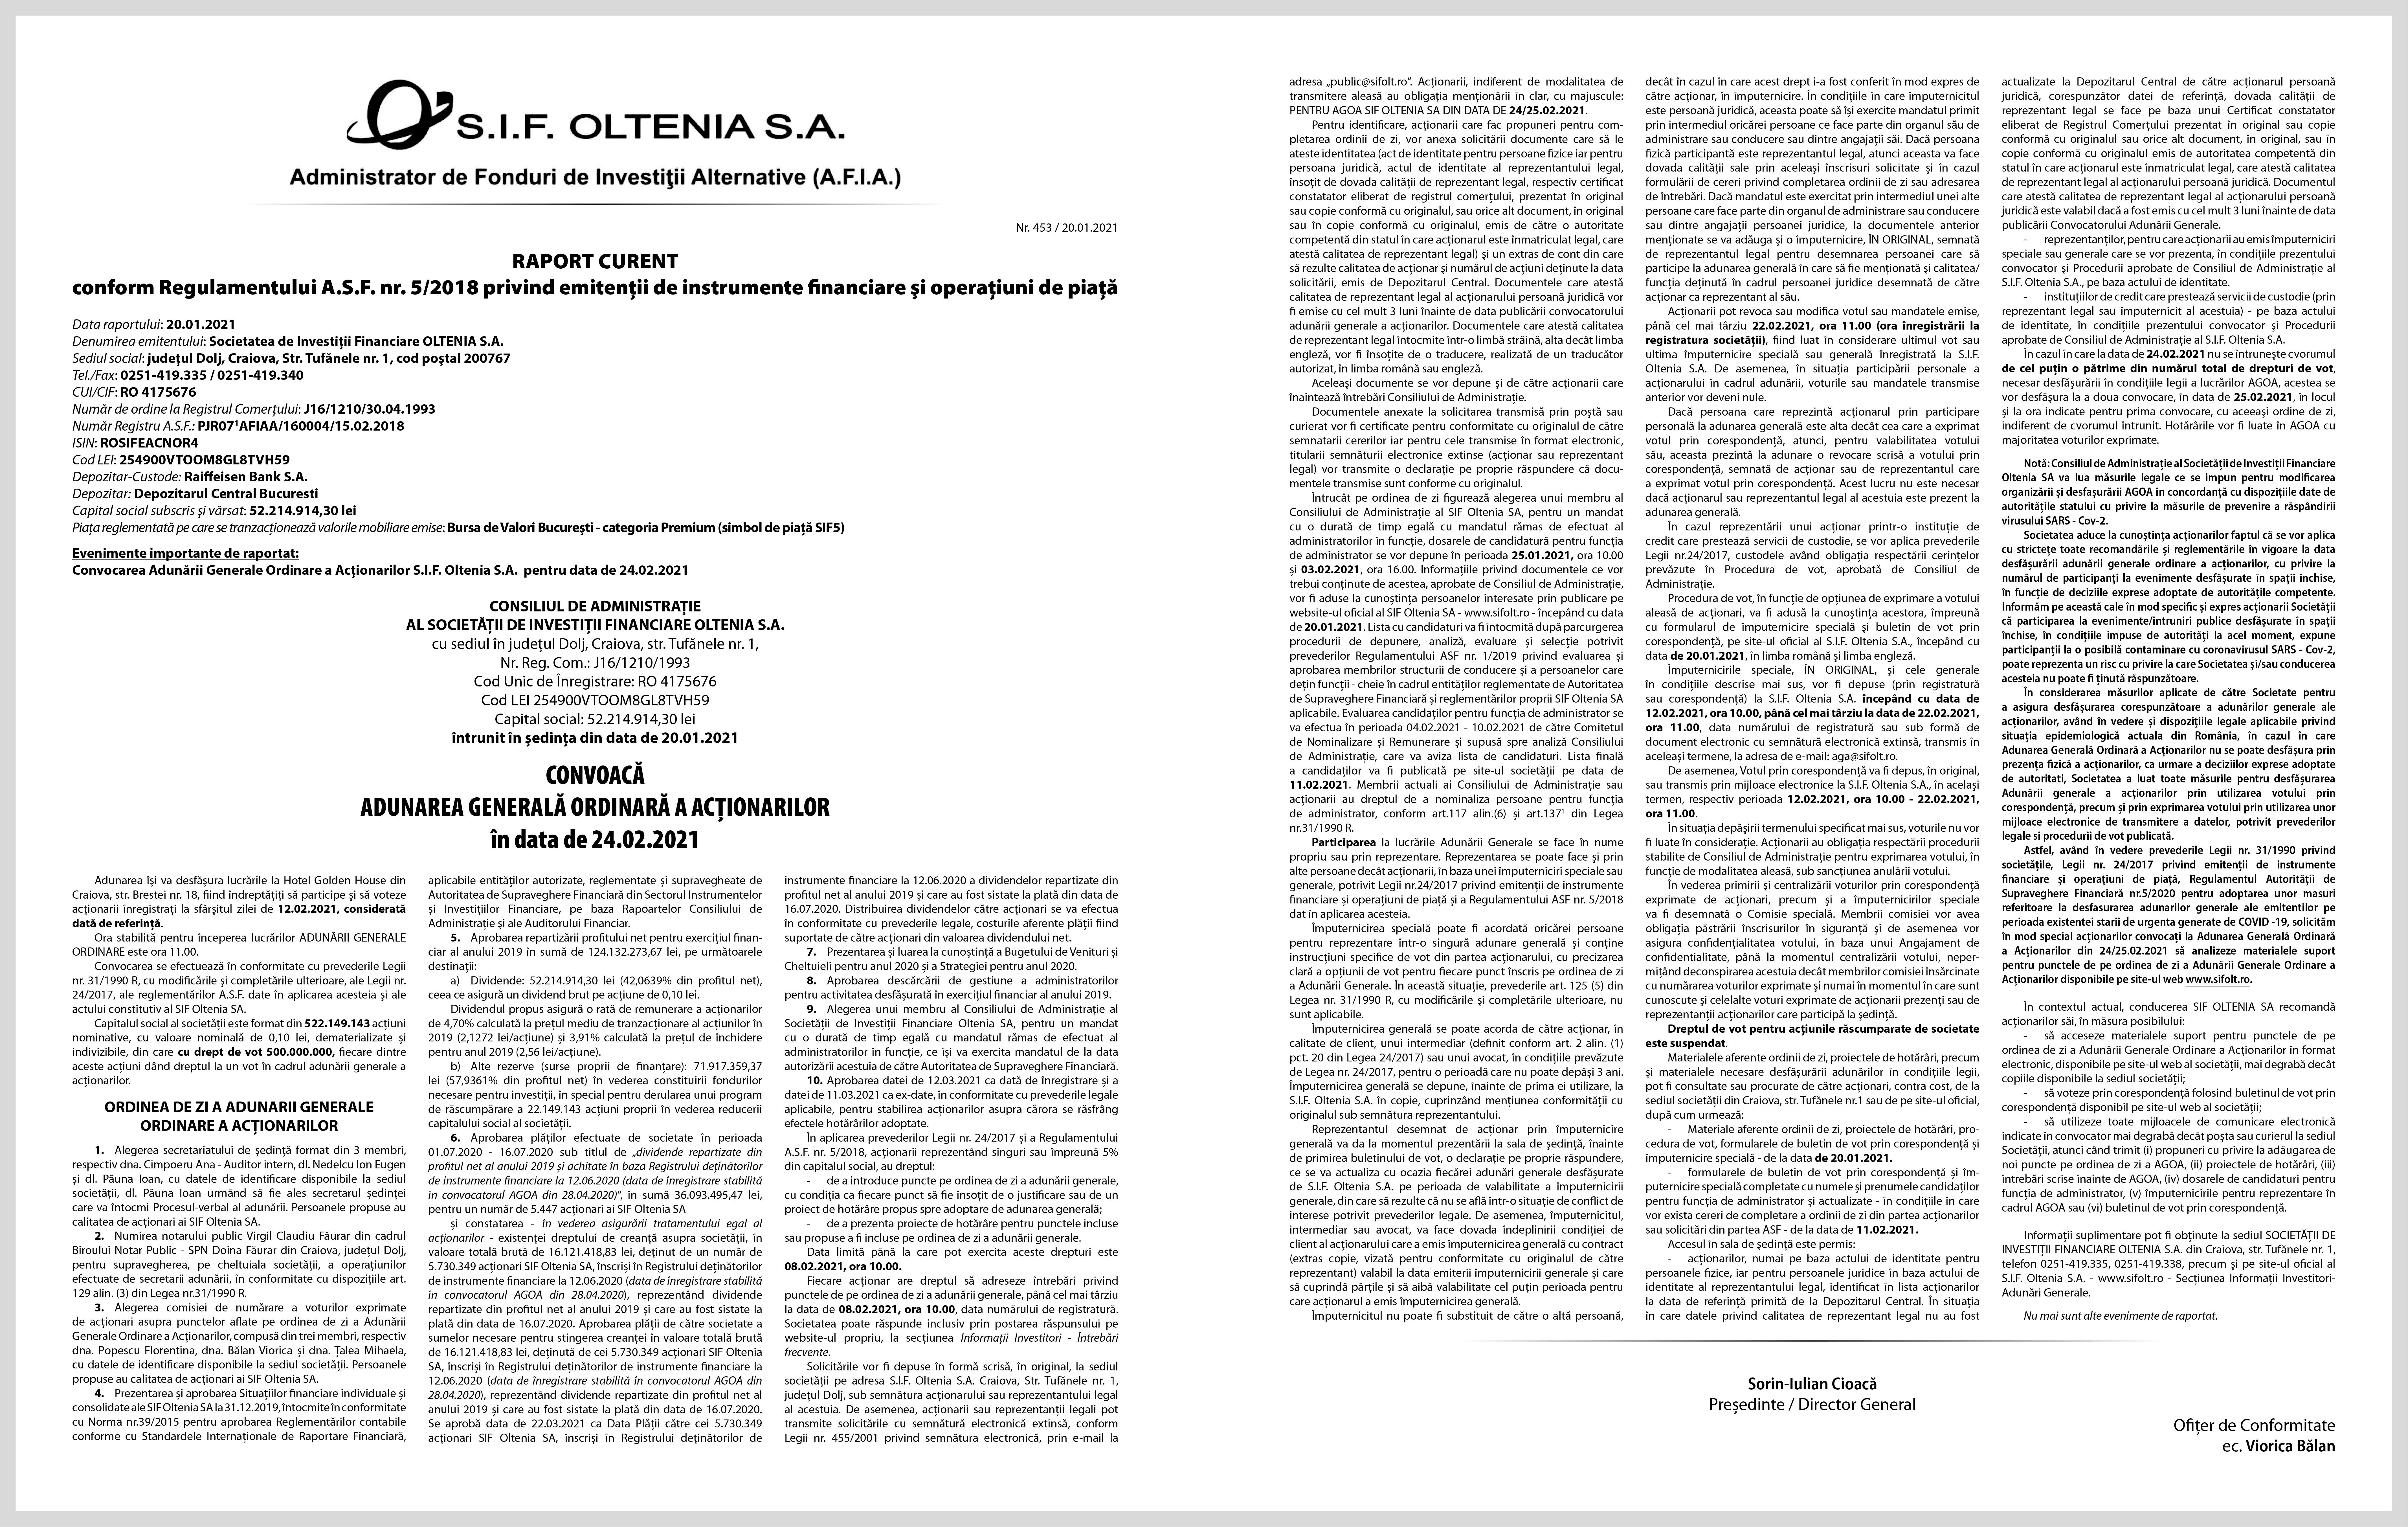 RAPORT CURENT conform Regulamentului A.S.F. nr. 5/2018 privind emitenţii de instrumente financiare şi operaţiuni de piață